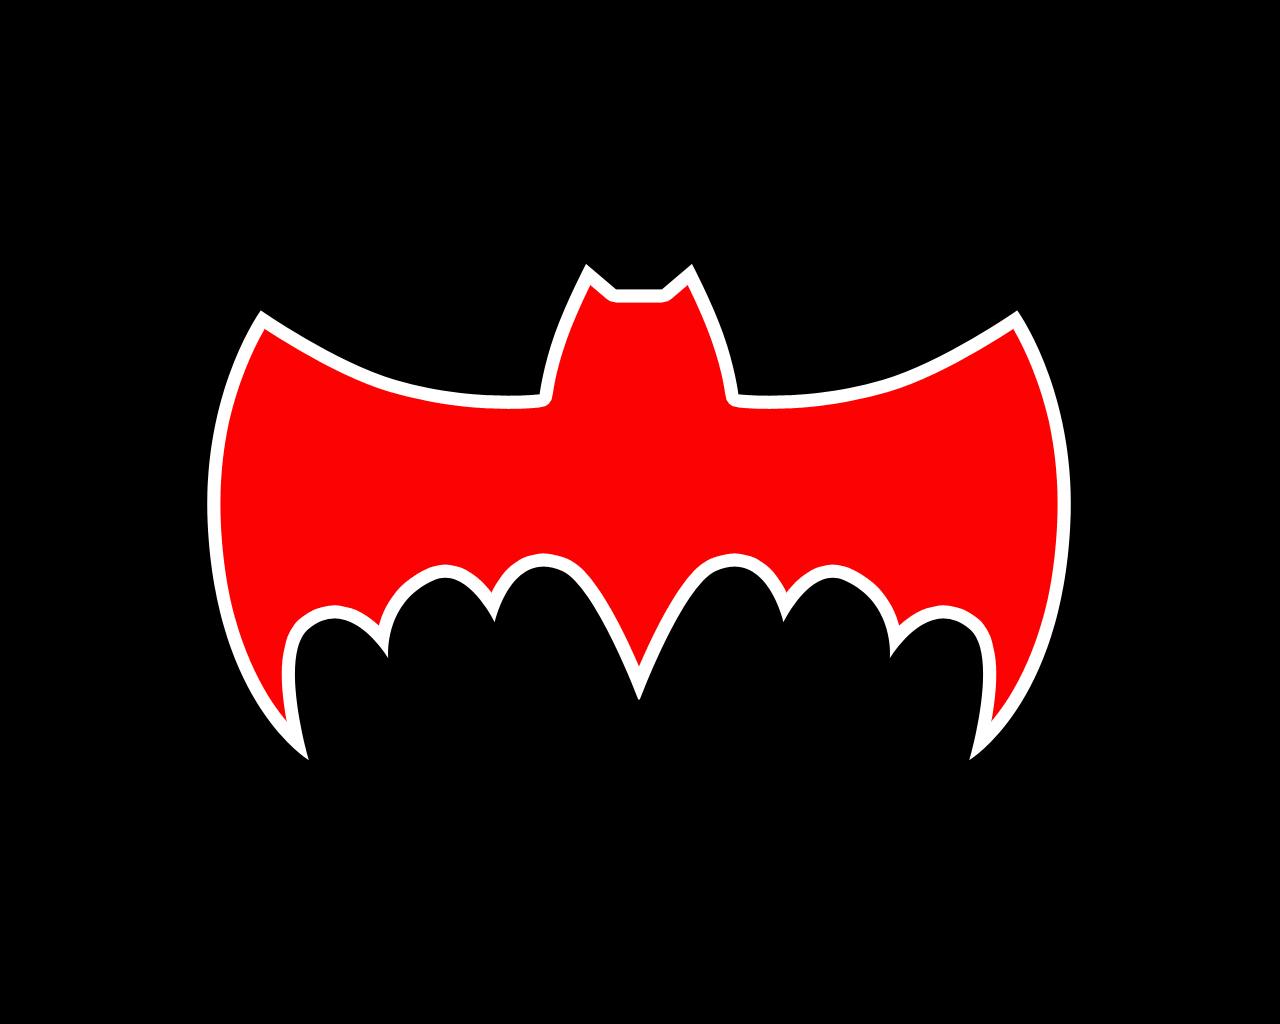 BATMAN ONLINE - Gallery - 1966 Batmobile Door Logo from  BATMAN ONLINE -...